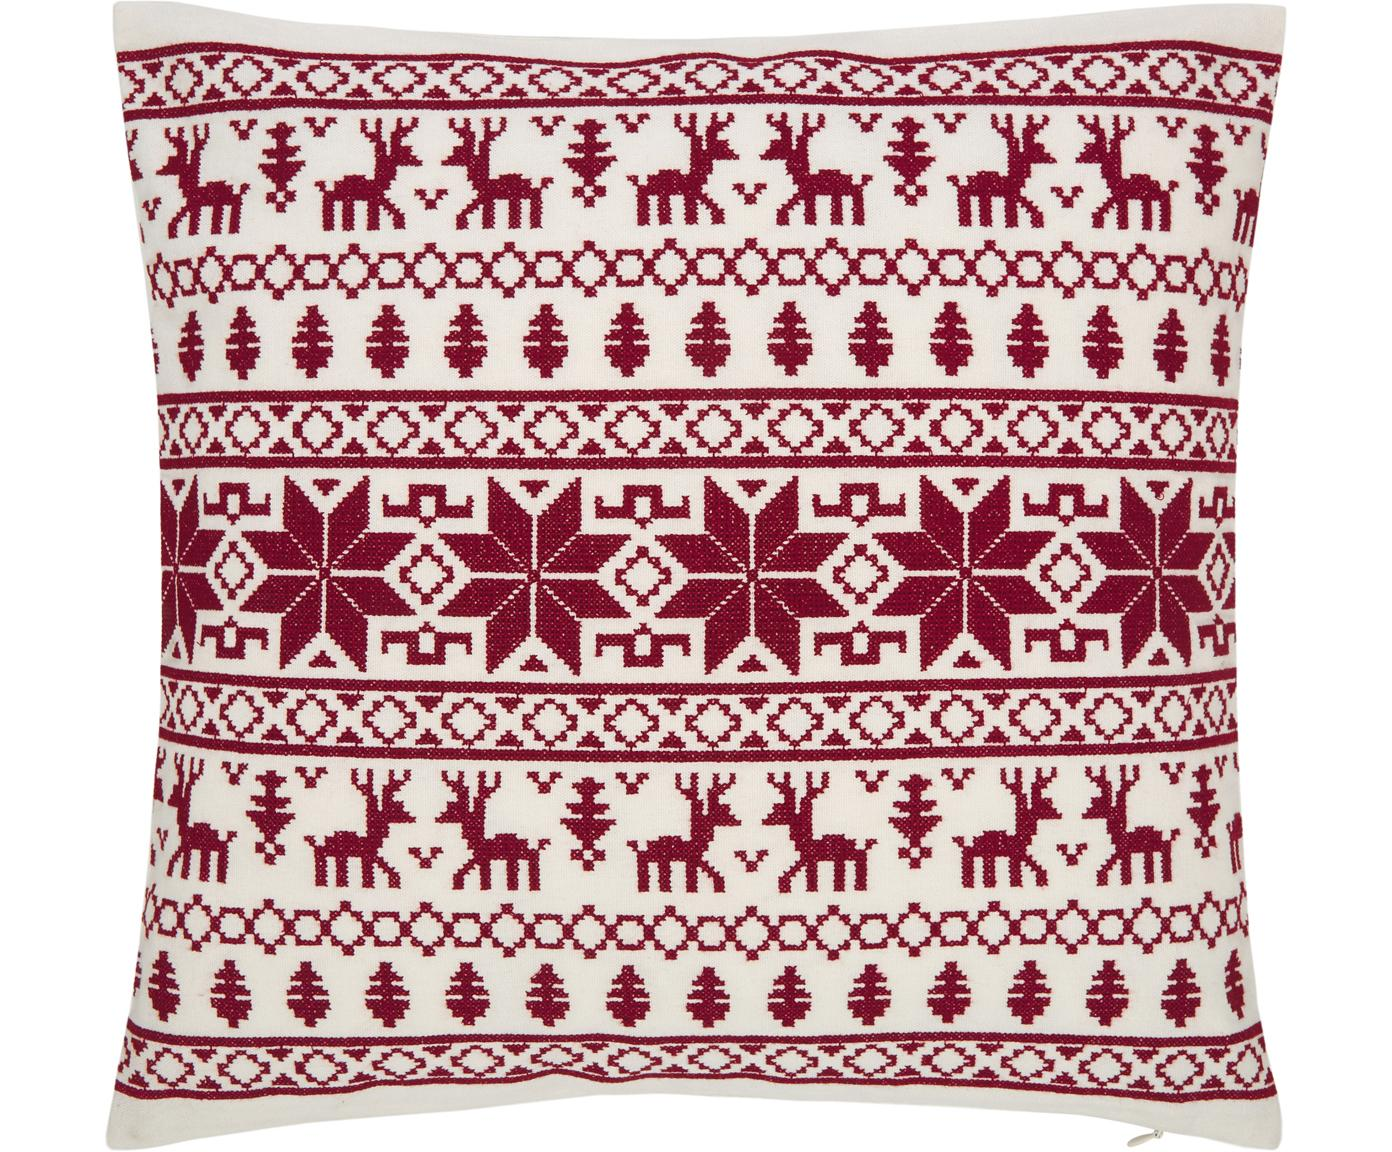 Geborduurde kussenhoes Orkney met winterse motieven, 100% katoen, Rood, crèmewit, 45 x 45 cm